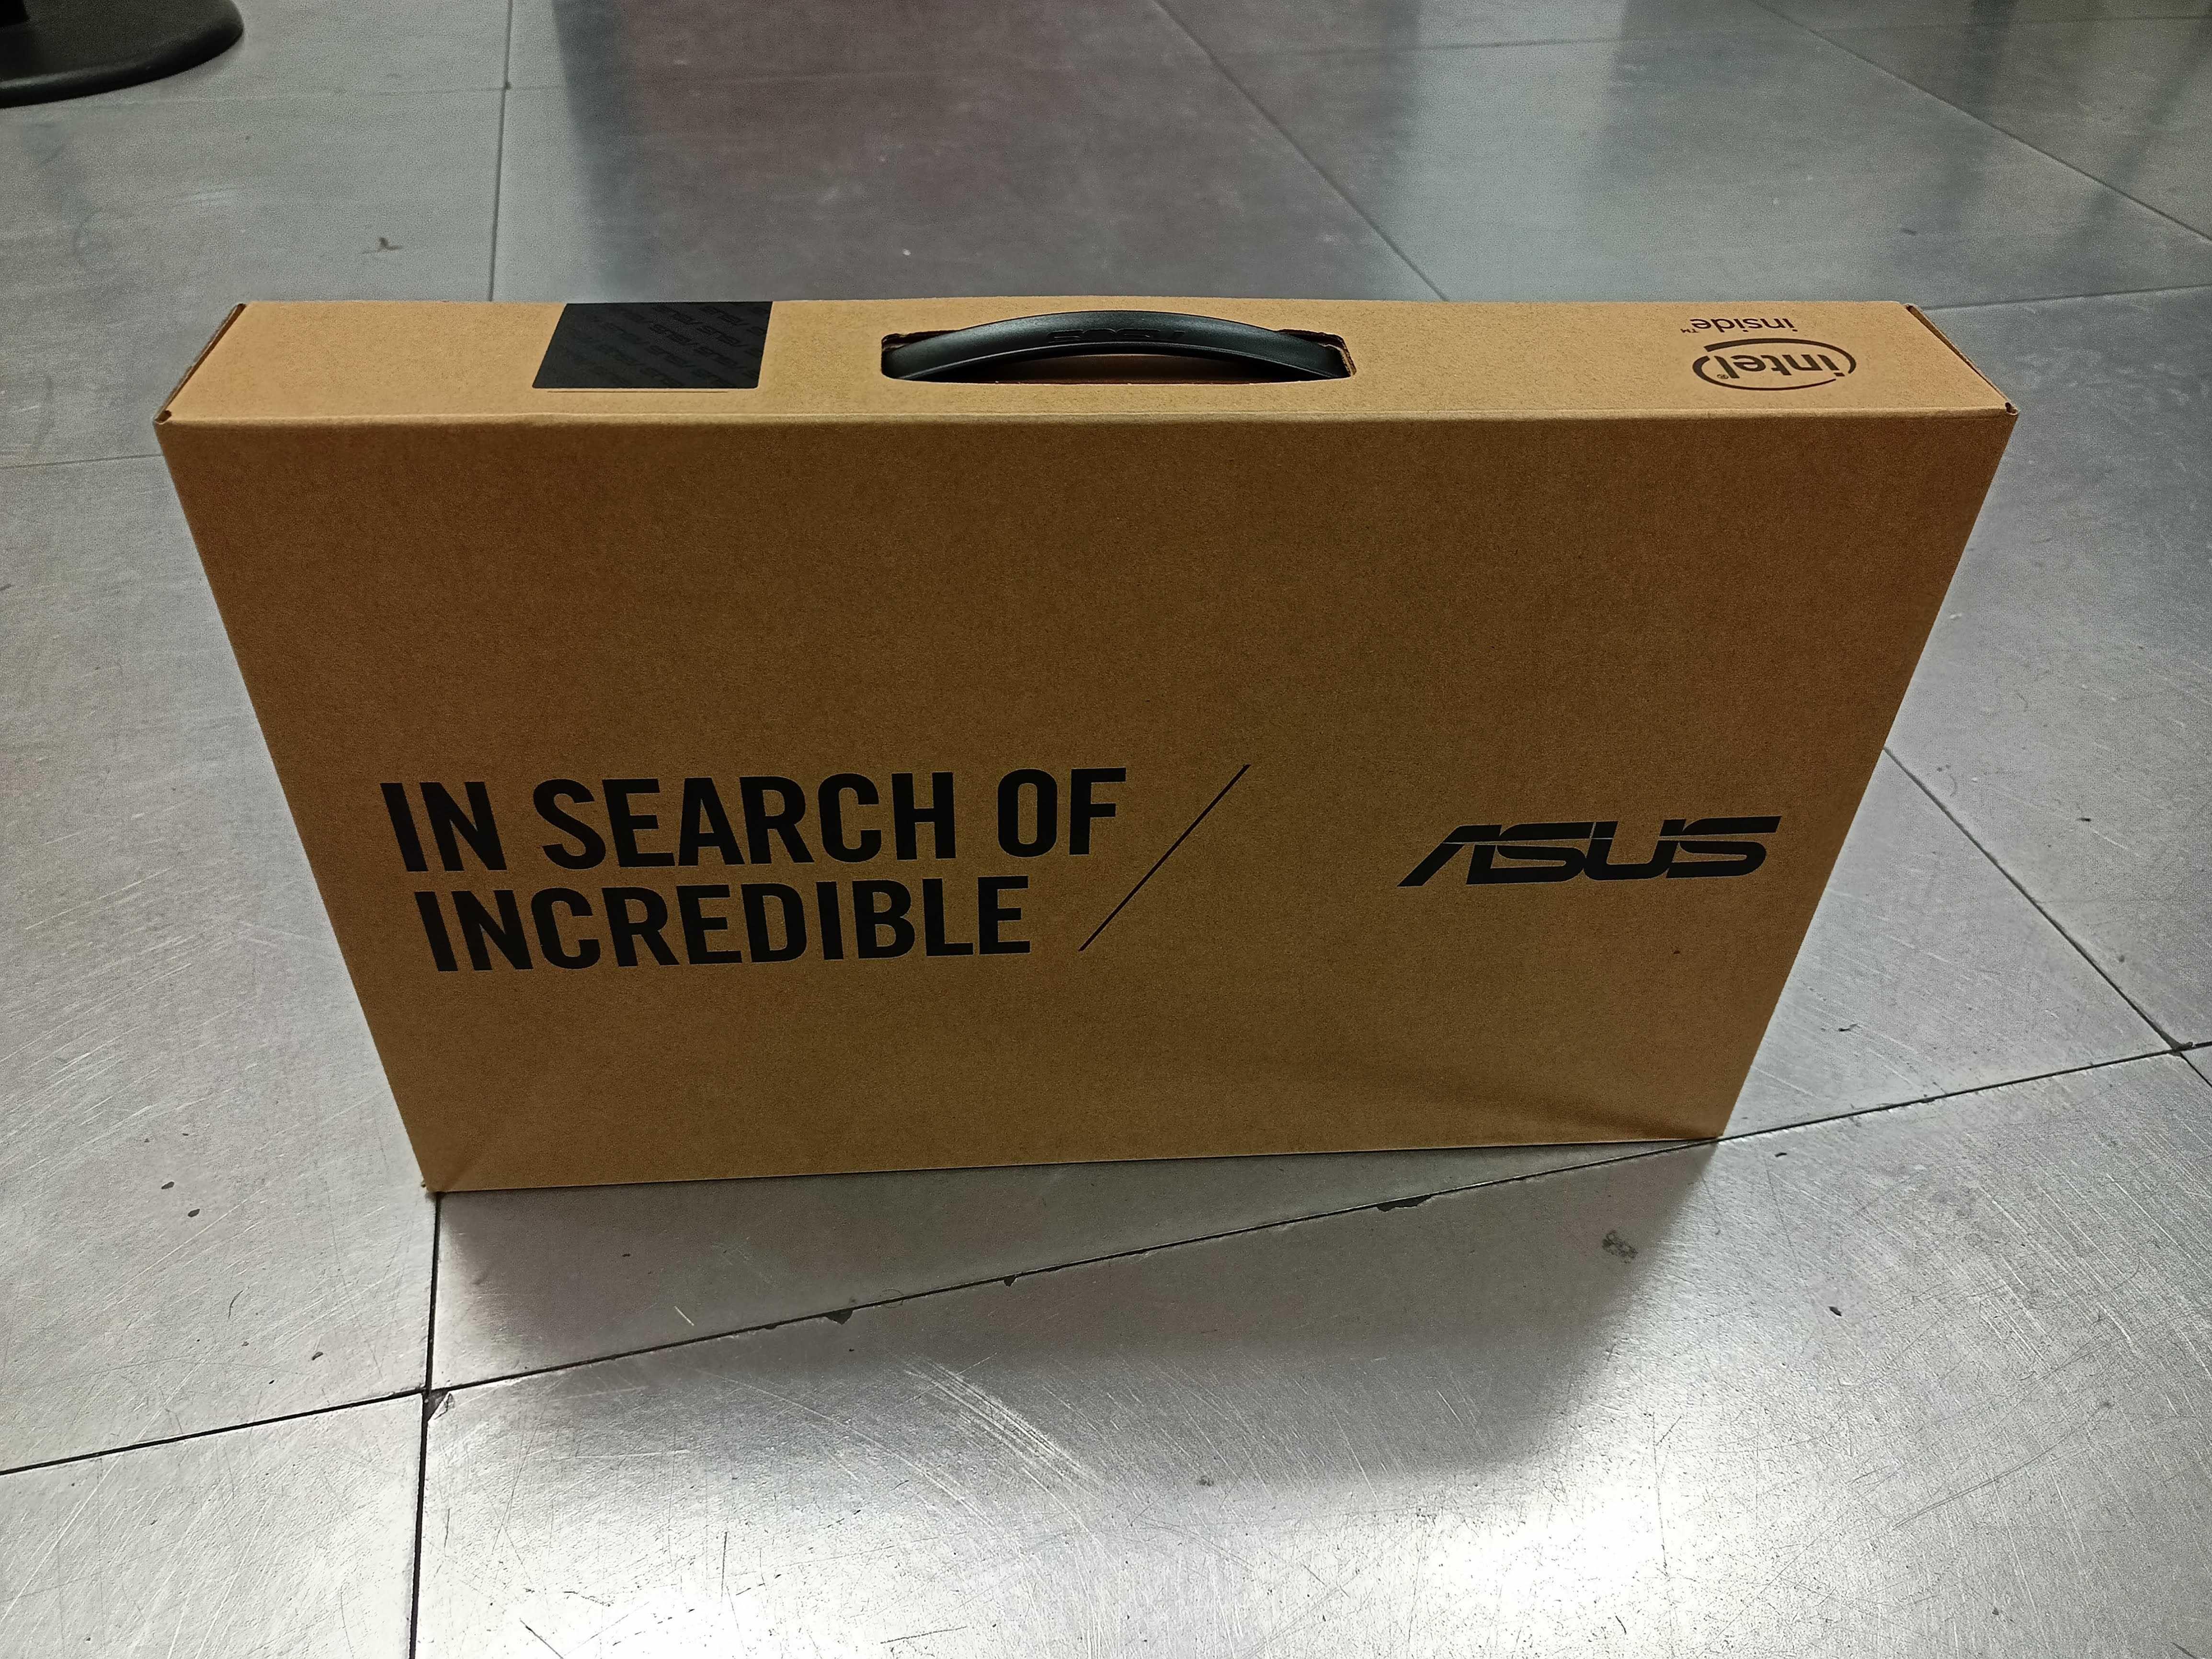 ASUS Portátil / Laptop Celeron com 64GB + 128GB (Selado Ainda, Novo)